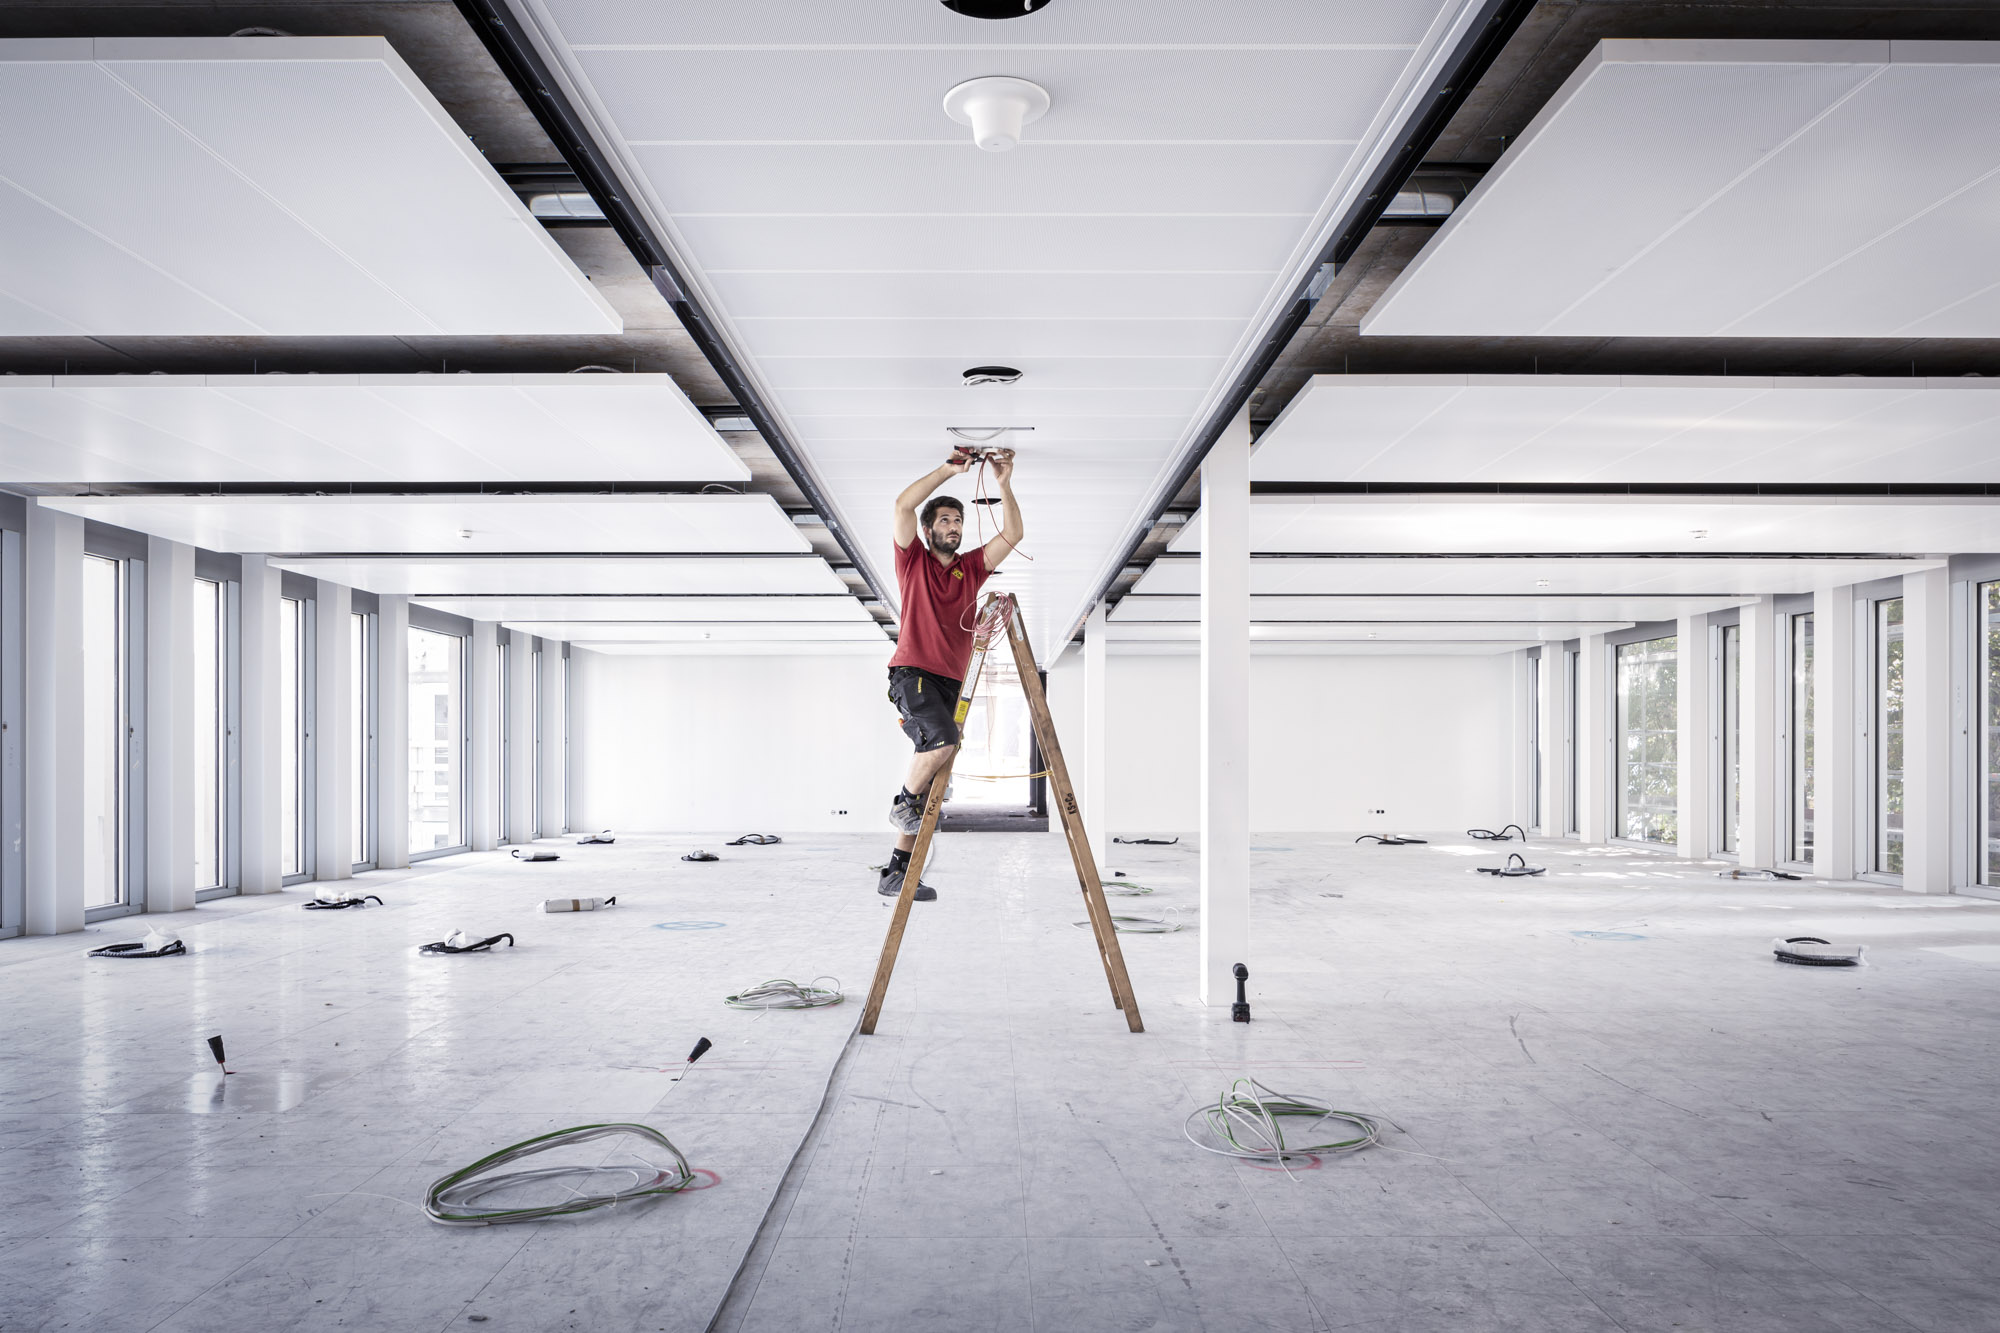 3.000 Leuchtpunkte in den Zwischenböden, Schächten, Decken und Technikräumen wurden von KS im Metahof-Komplex verbaut. (Foto: KS/Winterleitner)